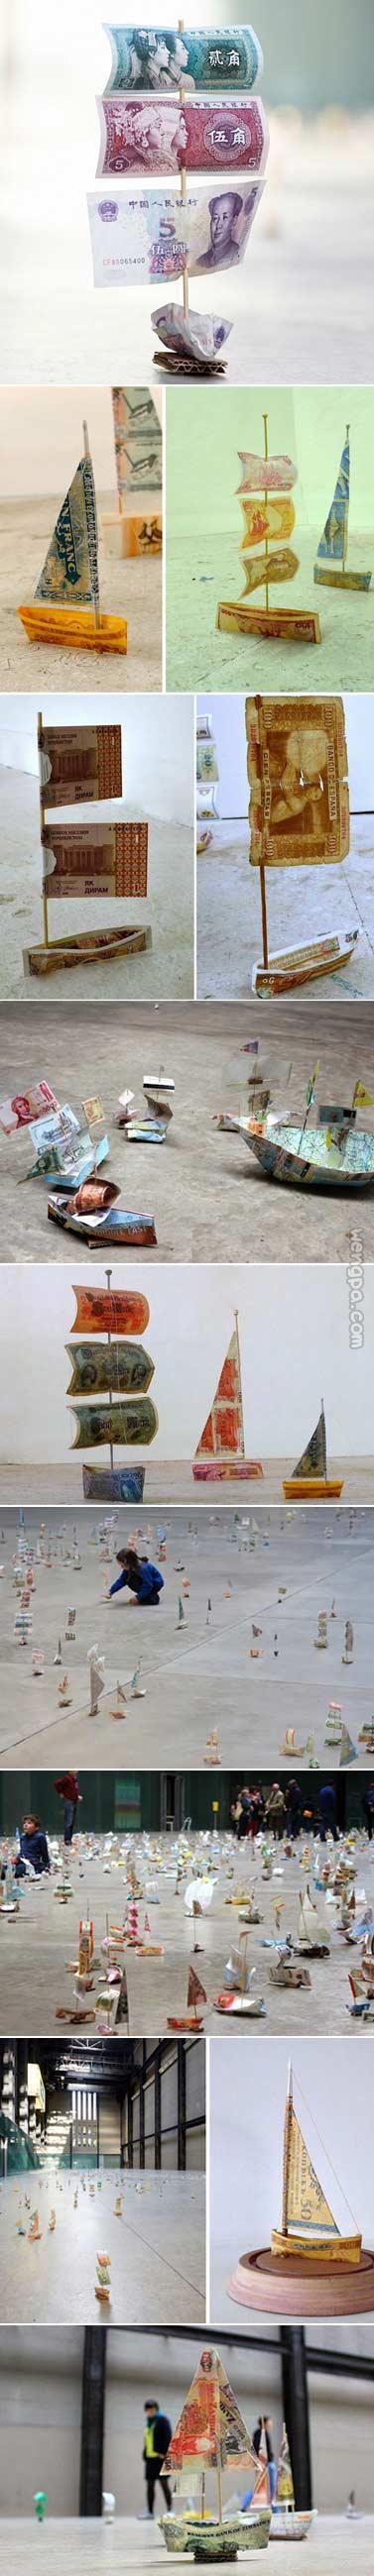 世界各国纸币制造的船队